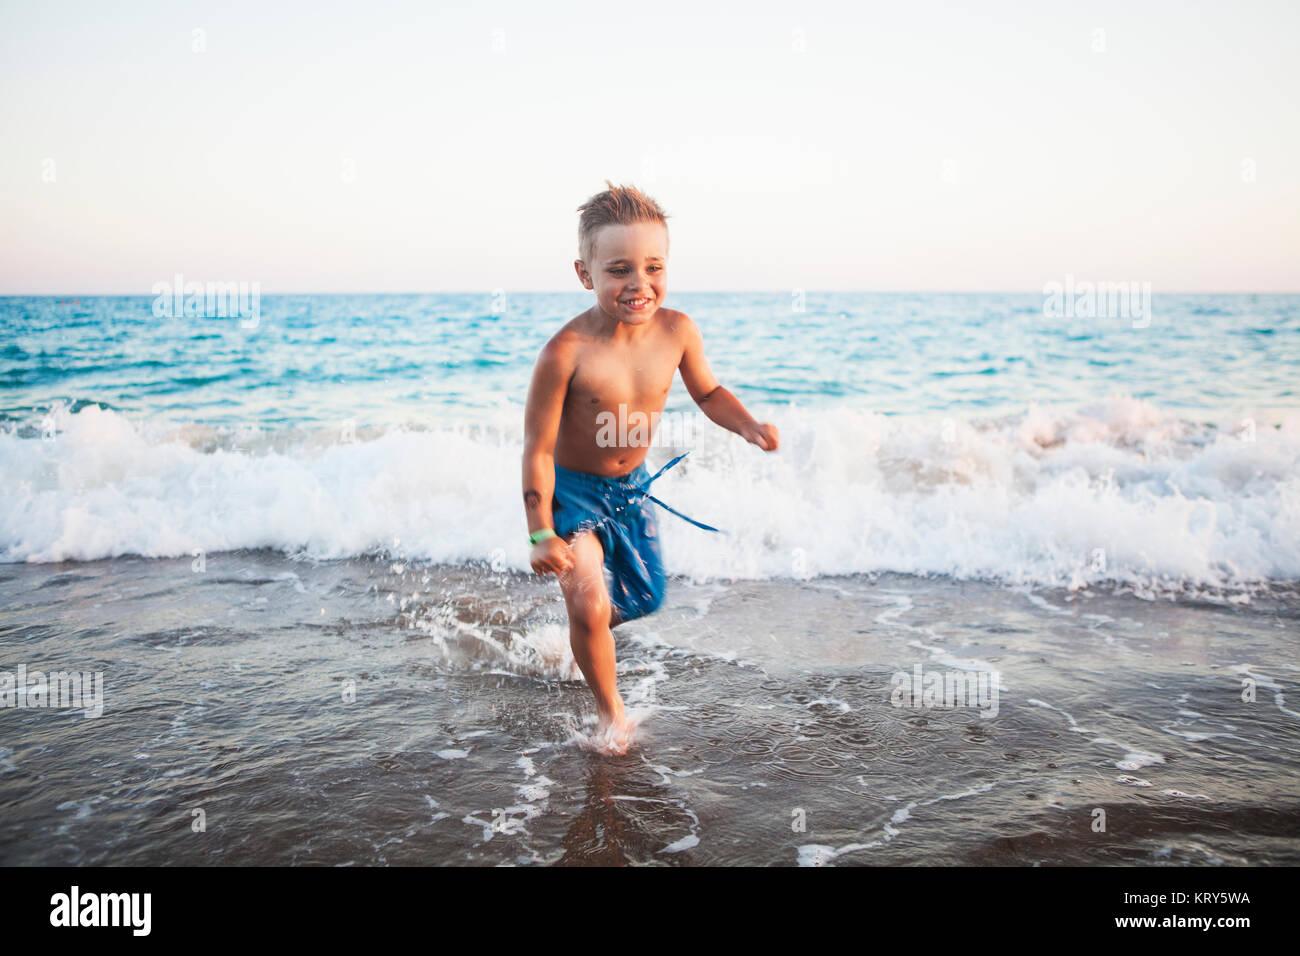 Ein Junge spielt in der Brandung am Strand in der Türkei Stockbild